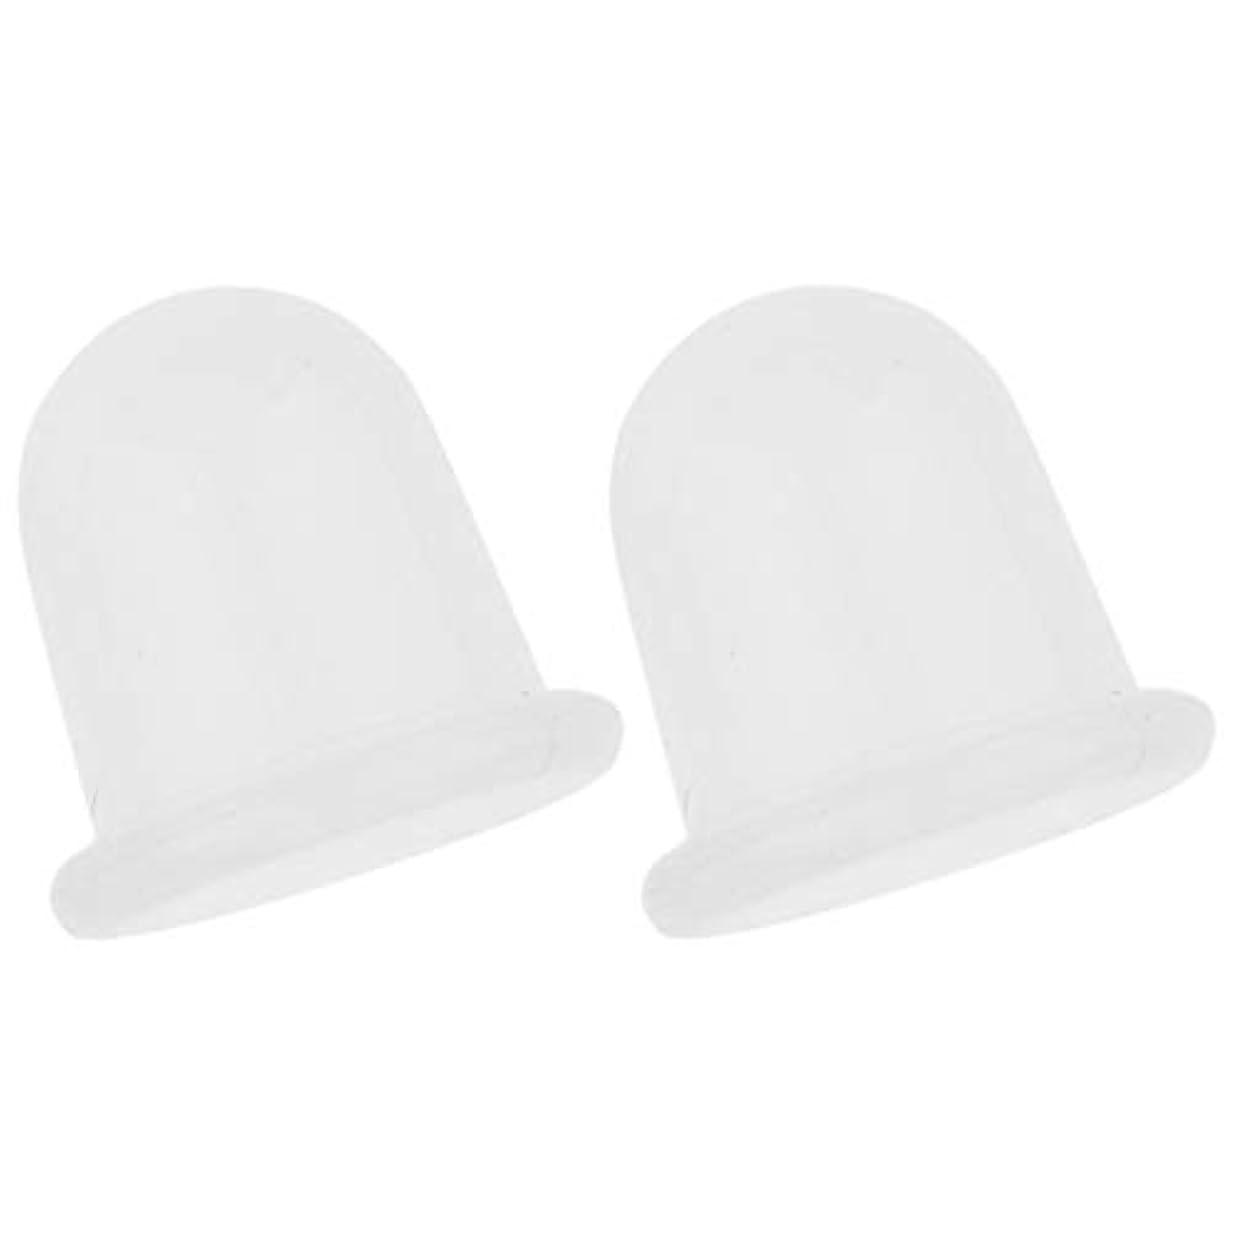 ボランティア宿るアンペアsharprepublic ボディー ビューティーストレス 空カップ 吸い玉 真空カッピングカップ 持ち運び 可能 汎用 2個入り